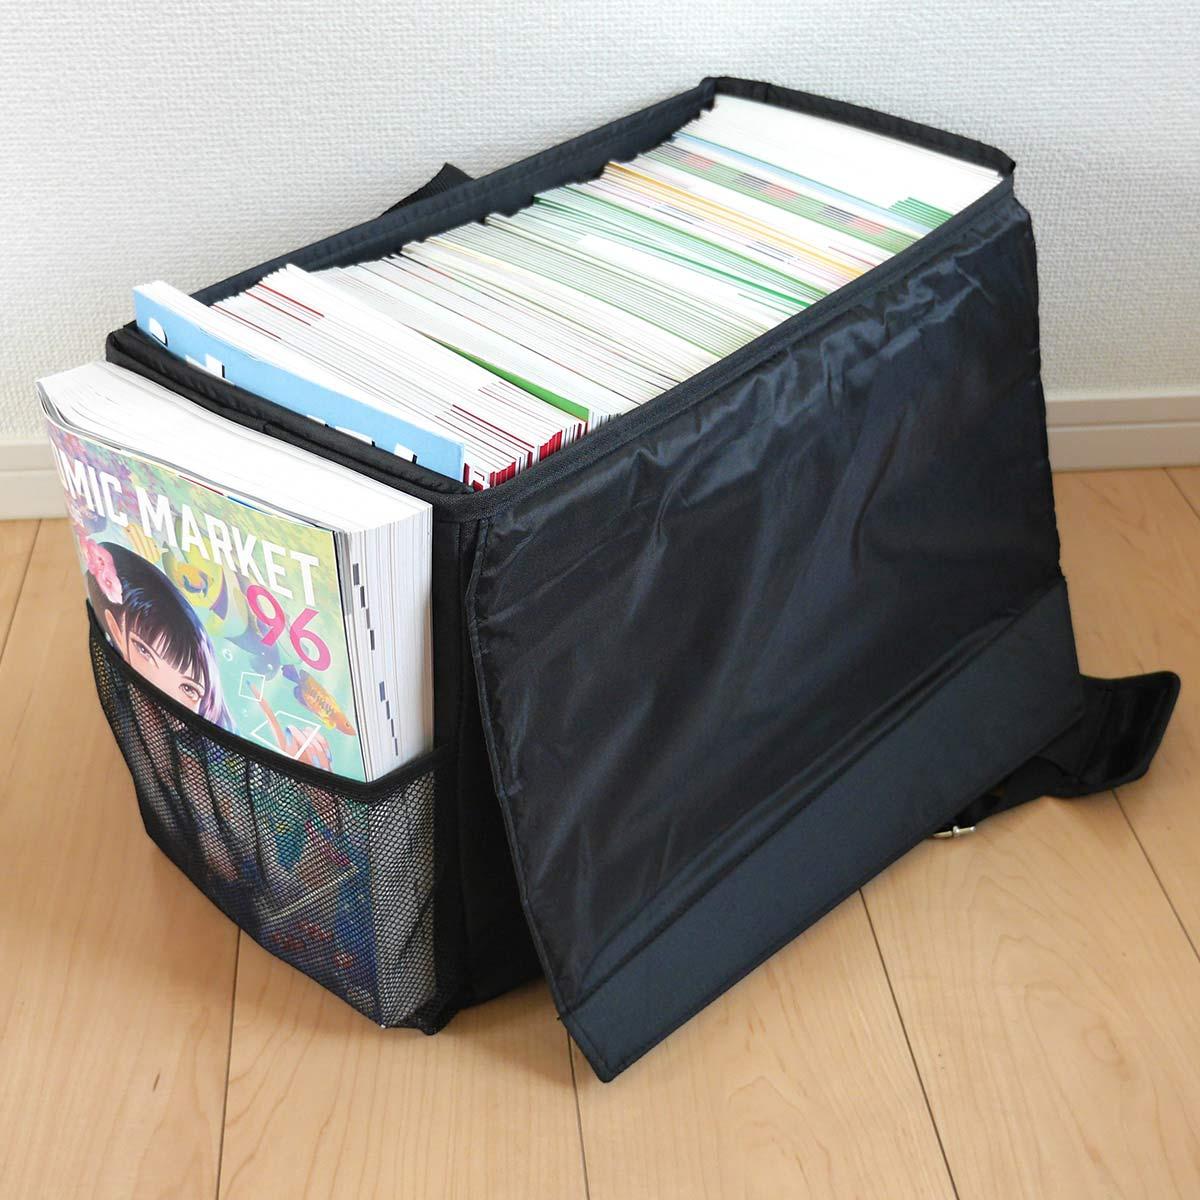 コミケに最適なカバンはこれだ! 同人誌をラクラク持ち運べる「ミーティングバッグ」